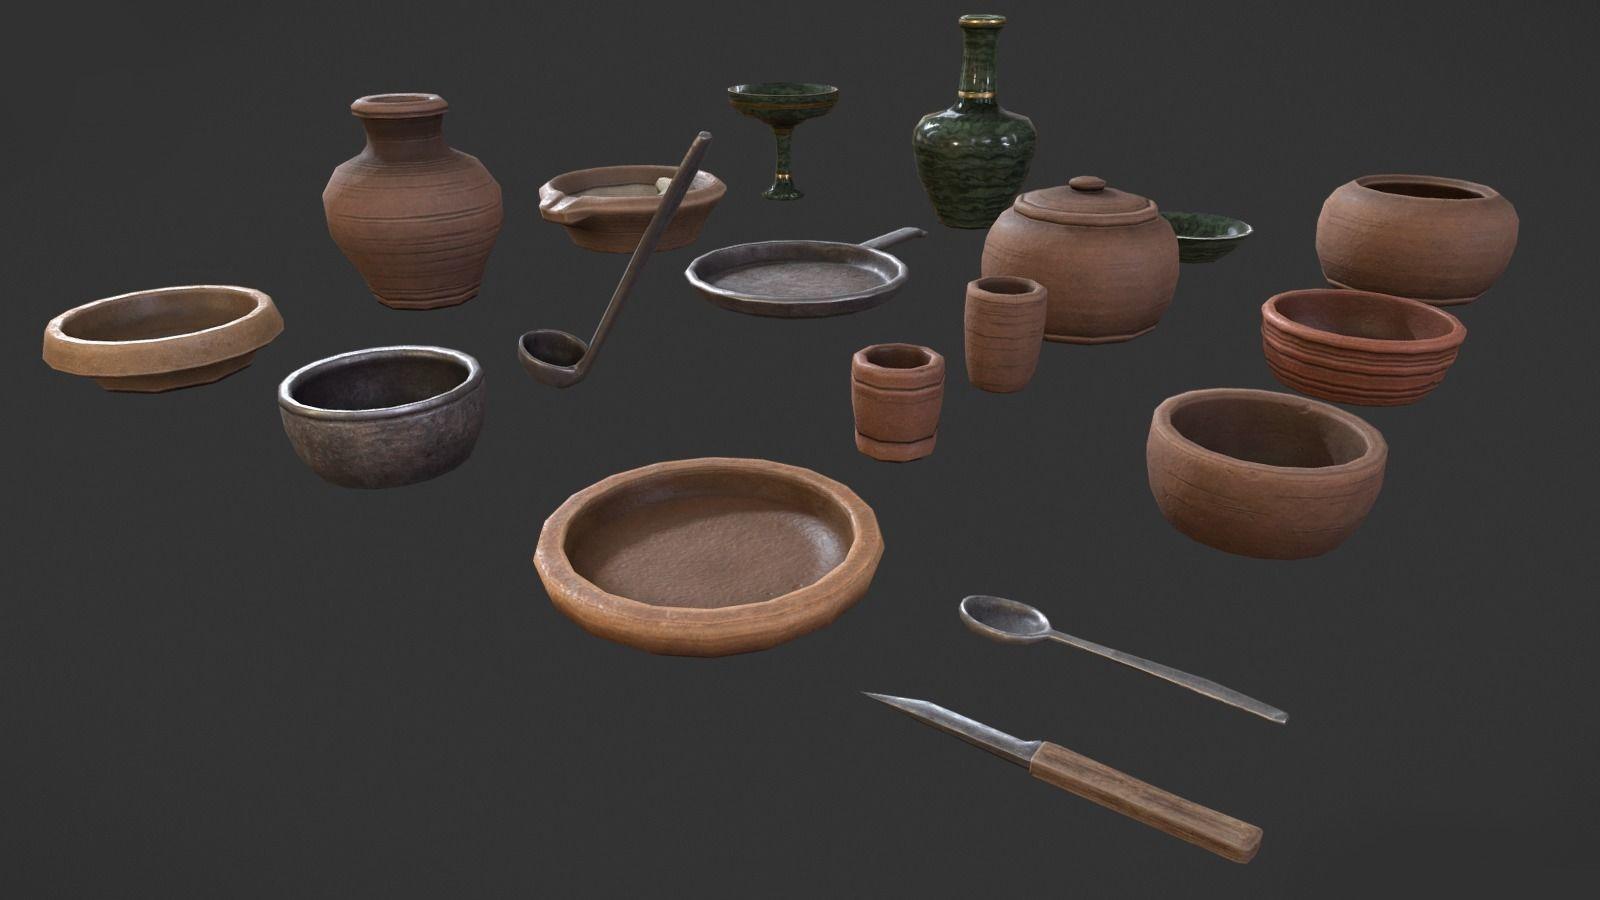 PBR Medieval tableware